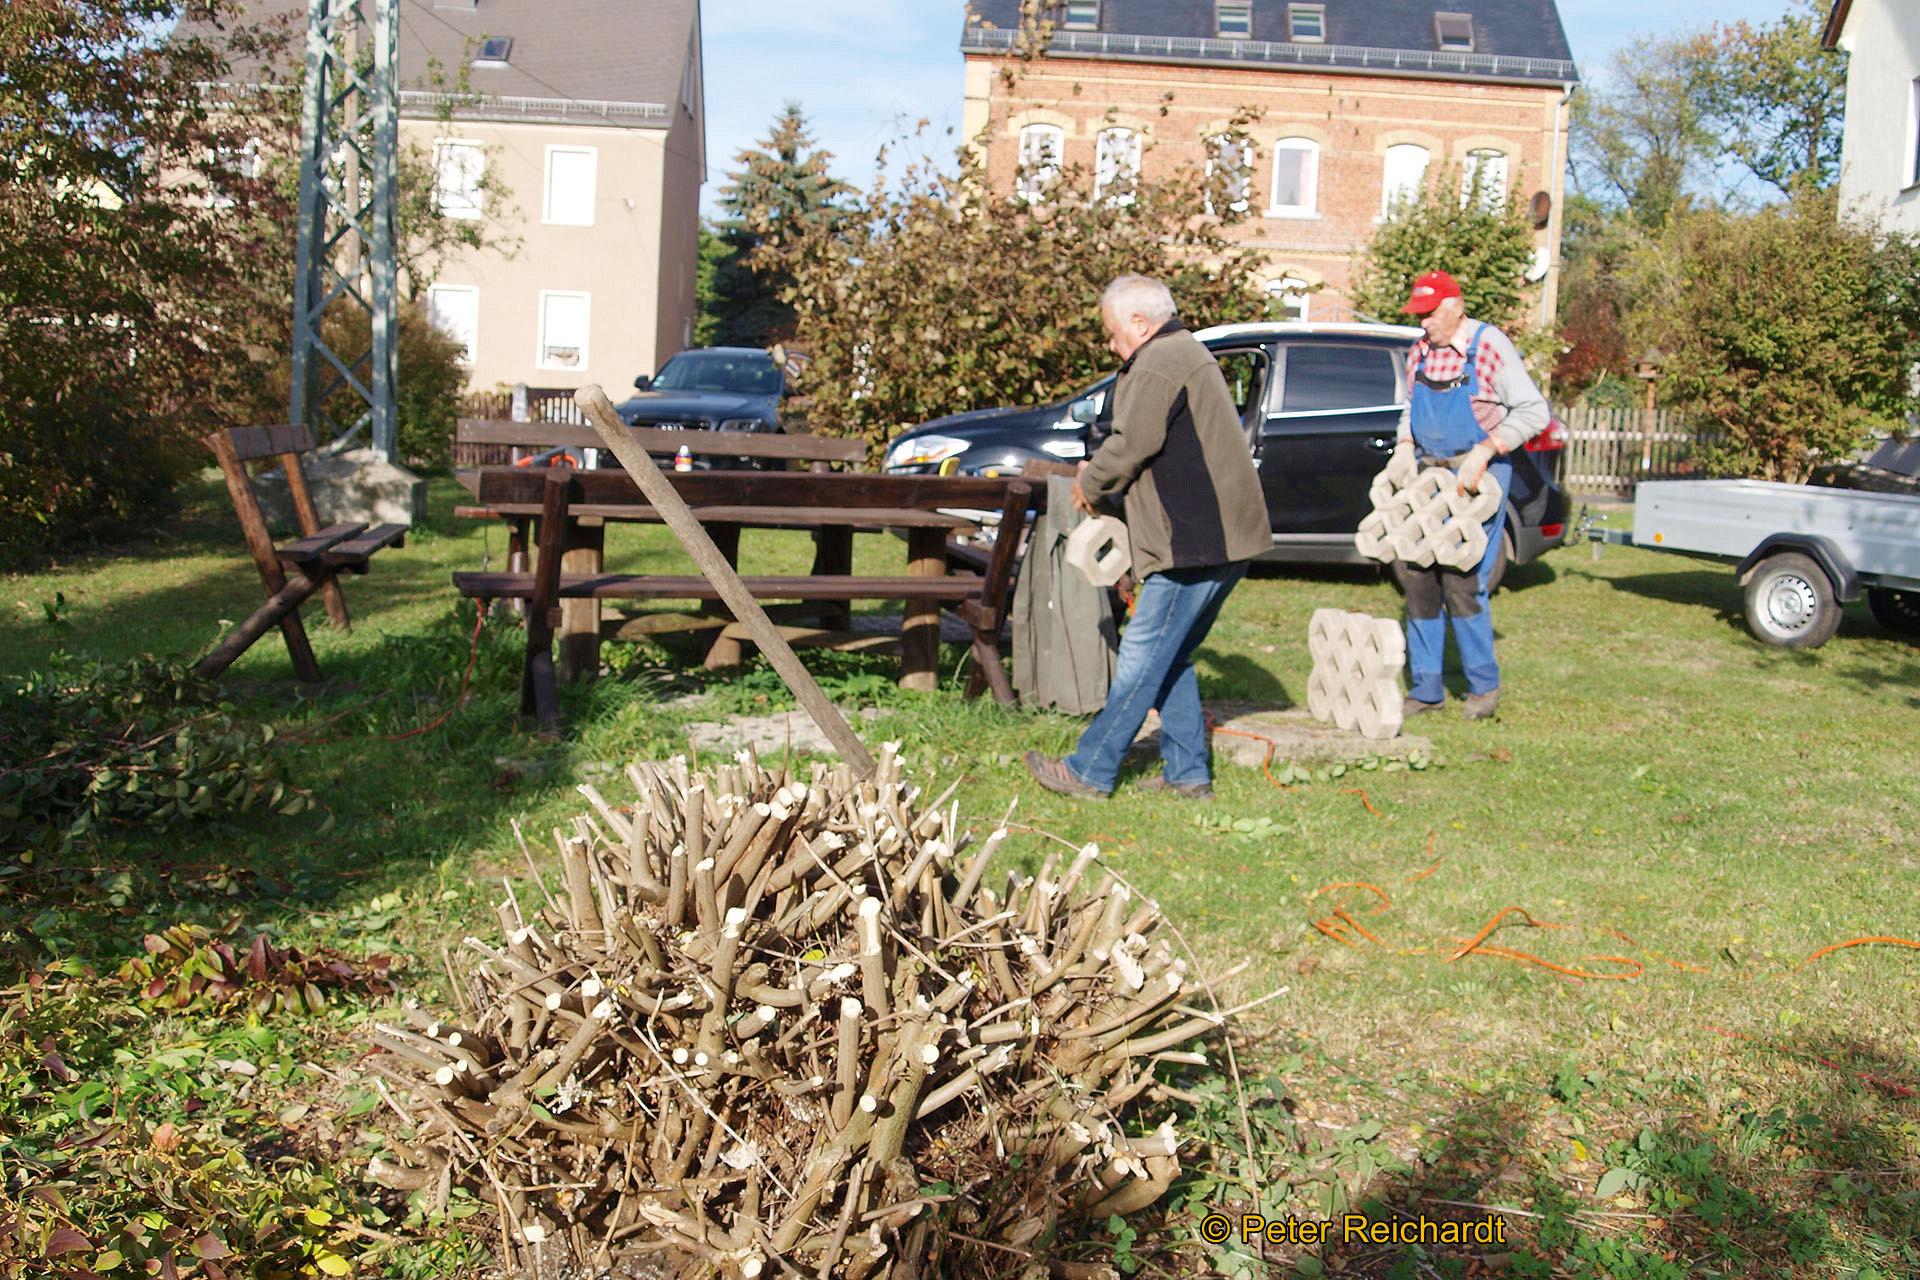 Gommla: Erfolgreiches Engagement beim Herbstputz und der Traditionspflege